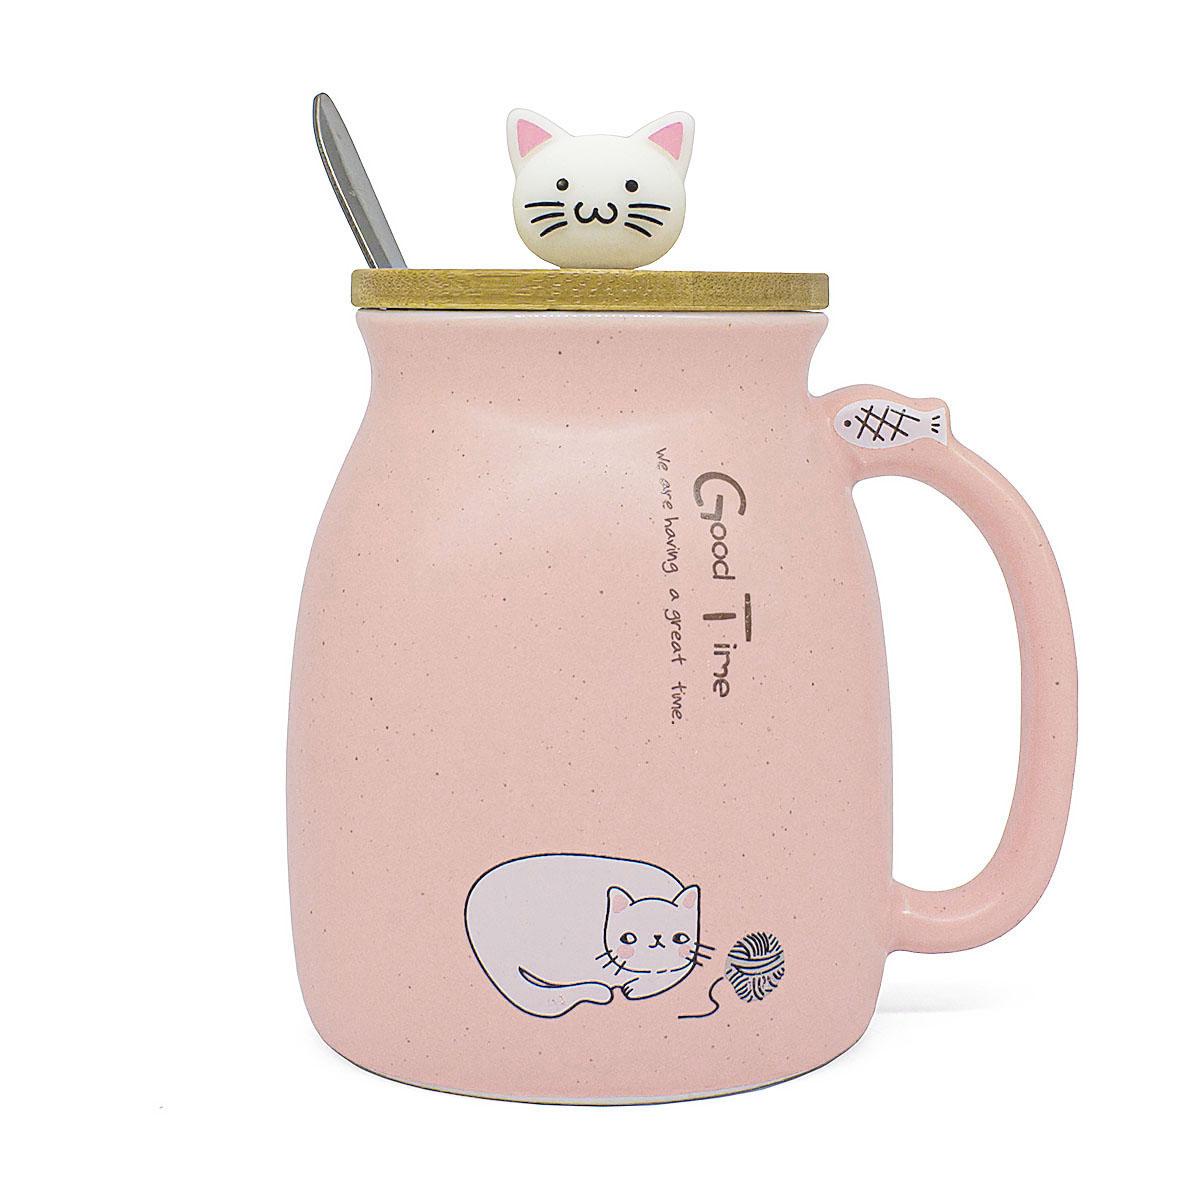 Кружка керамическая Котик с клубком, розовая, 450 мл